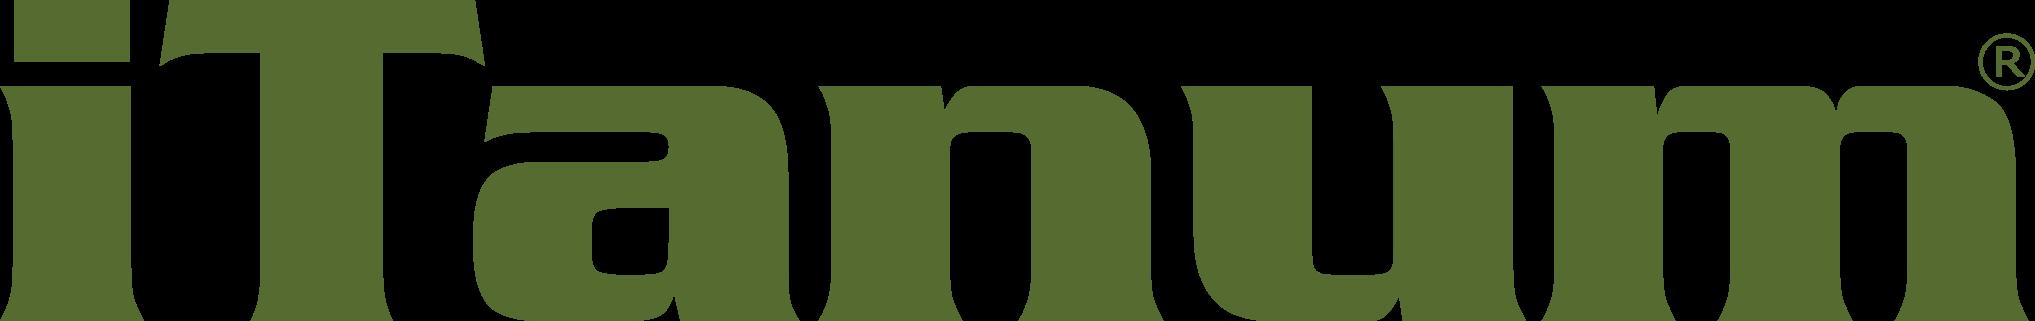 Internetagentur iTanum® in Pirna - Webdesigner Till H. Kleinert